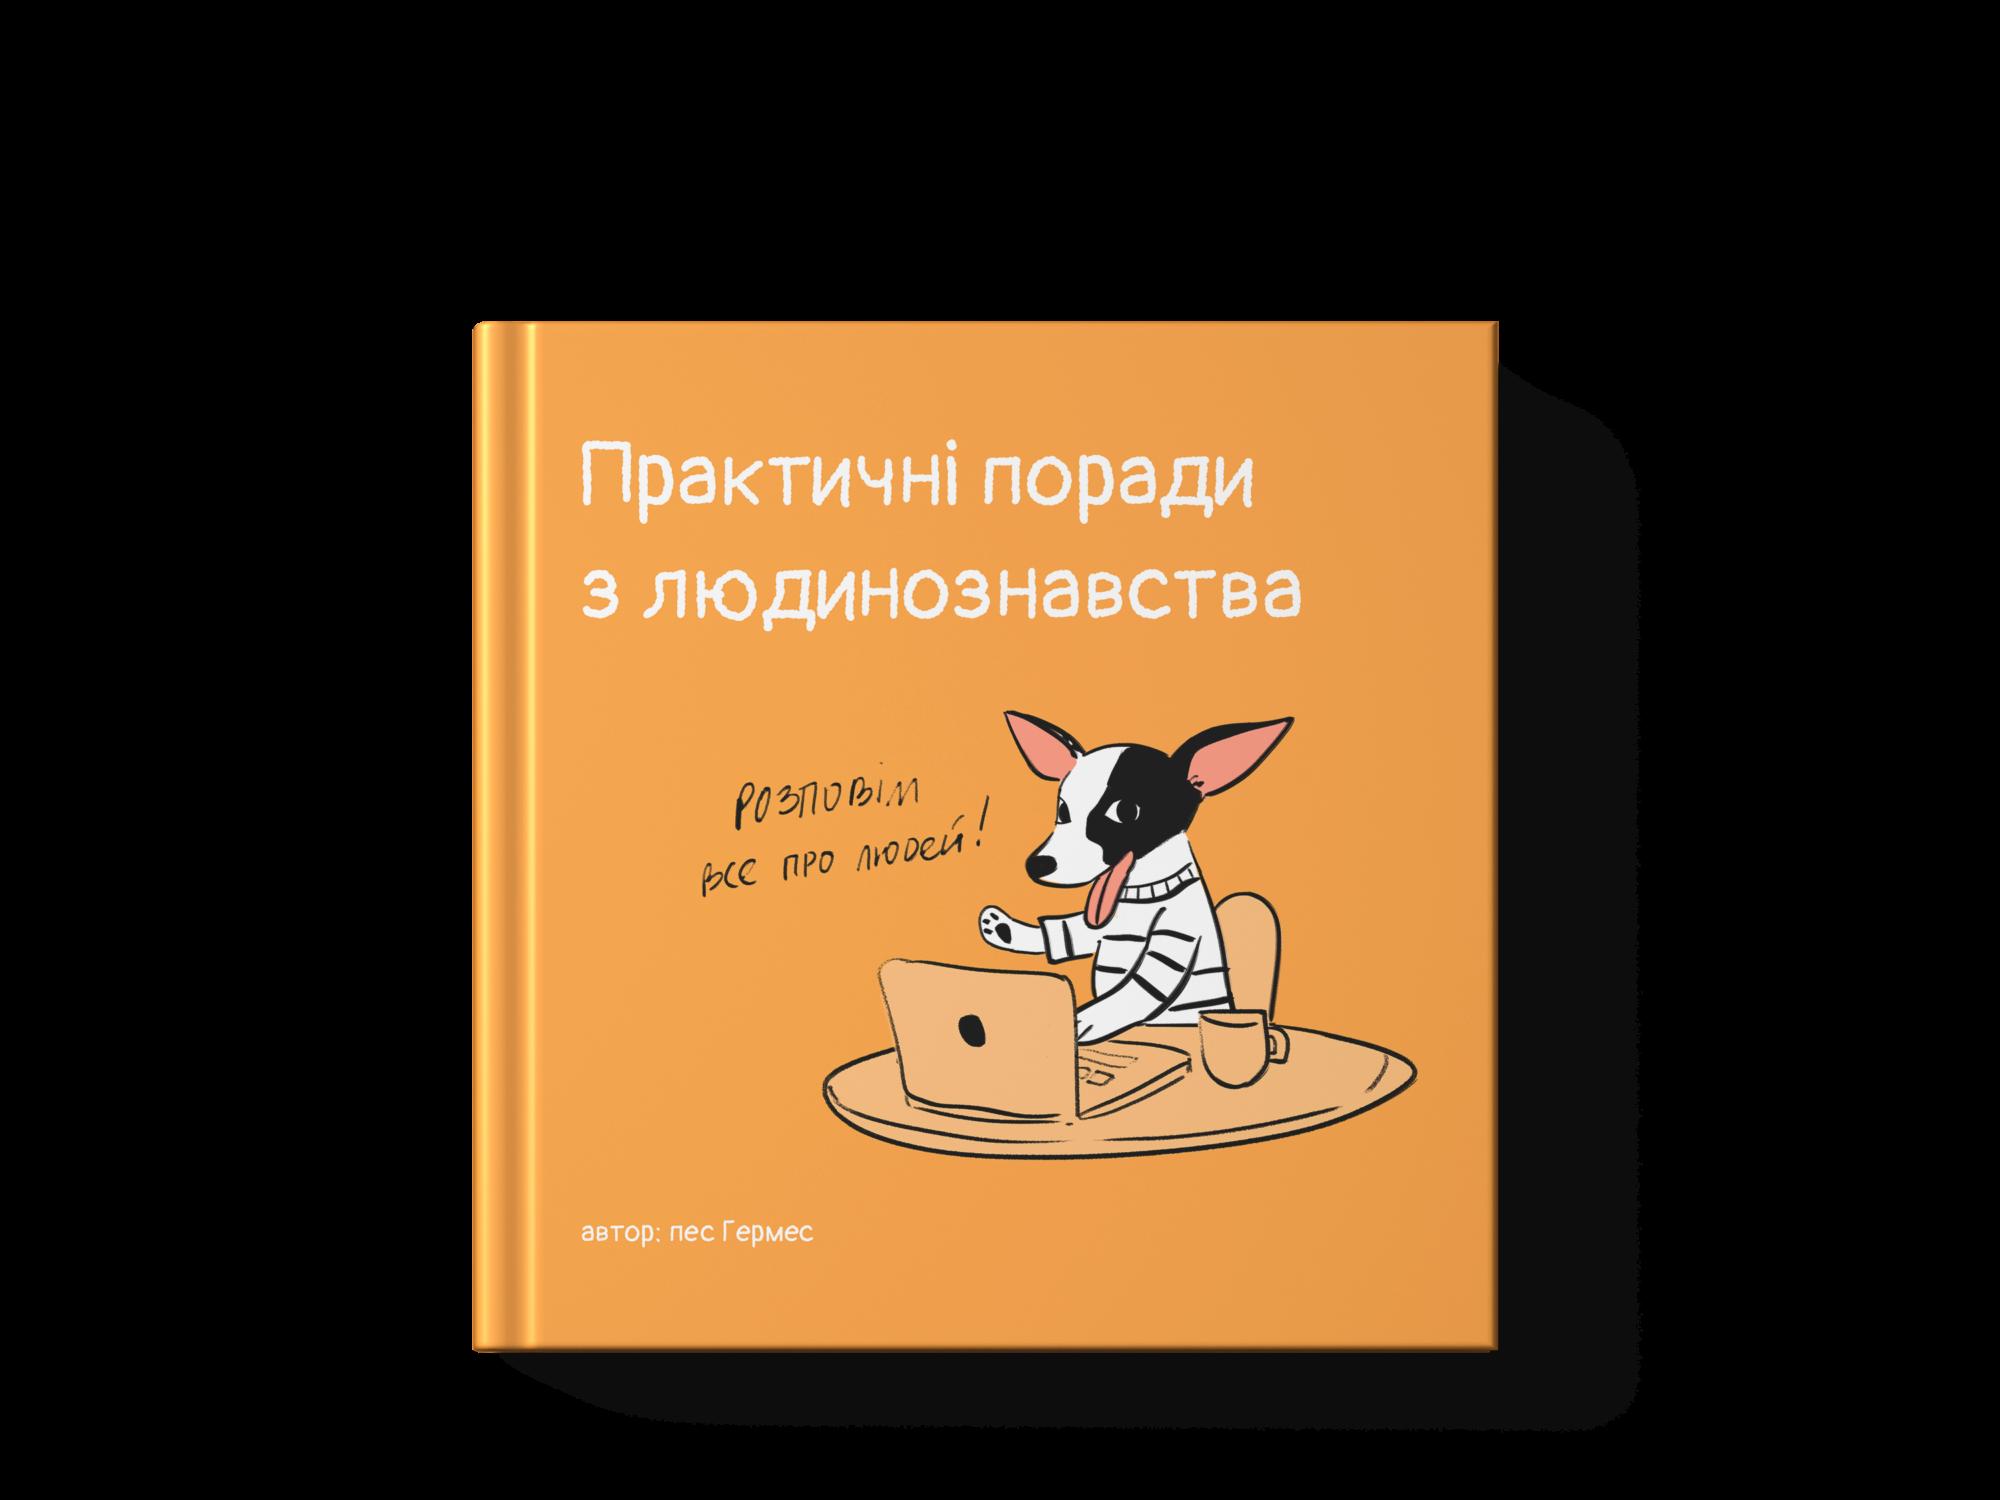 За вилучені кошти з продажу книжок реконструюють притулок для тварин на Київщині - Тварини, собаки, притулок для тварин, захист тварин, благодійність, безпритульні тварини - 03 syryus7 2000x1500